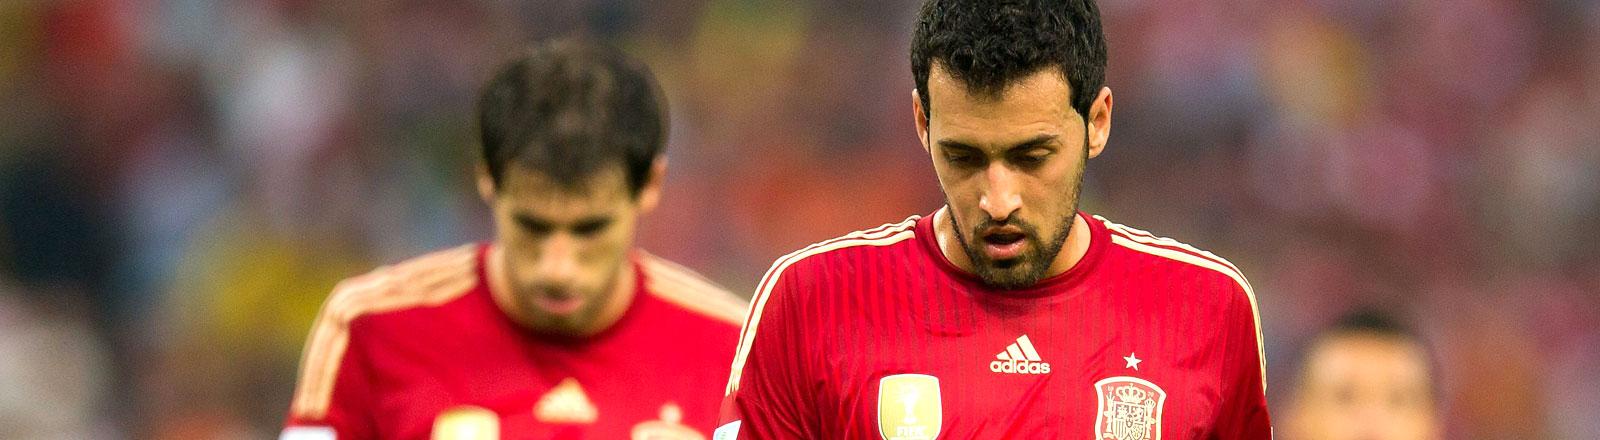 Die Enttäuschung zweier spanischer Nationalspieler bei der Niederlage gegen Chile bei der WM 2014.